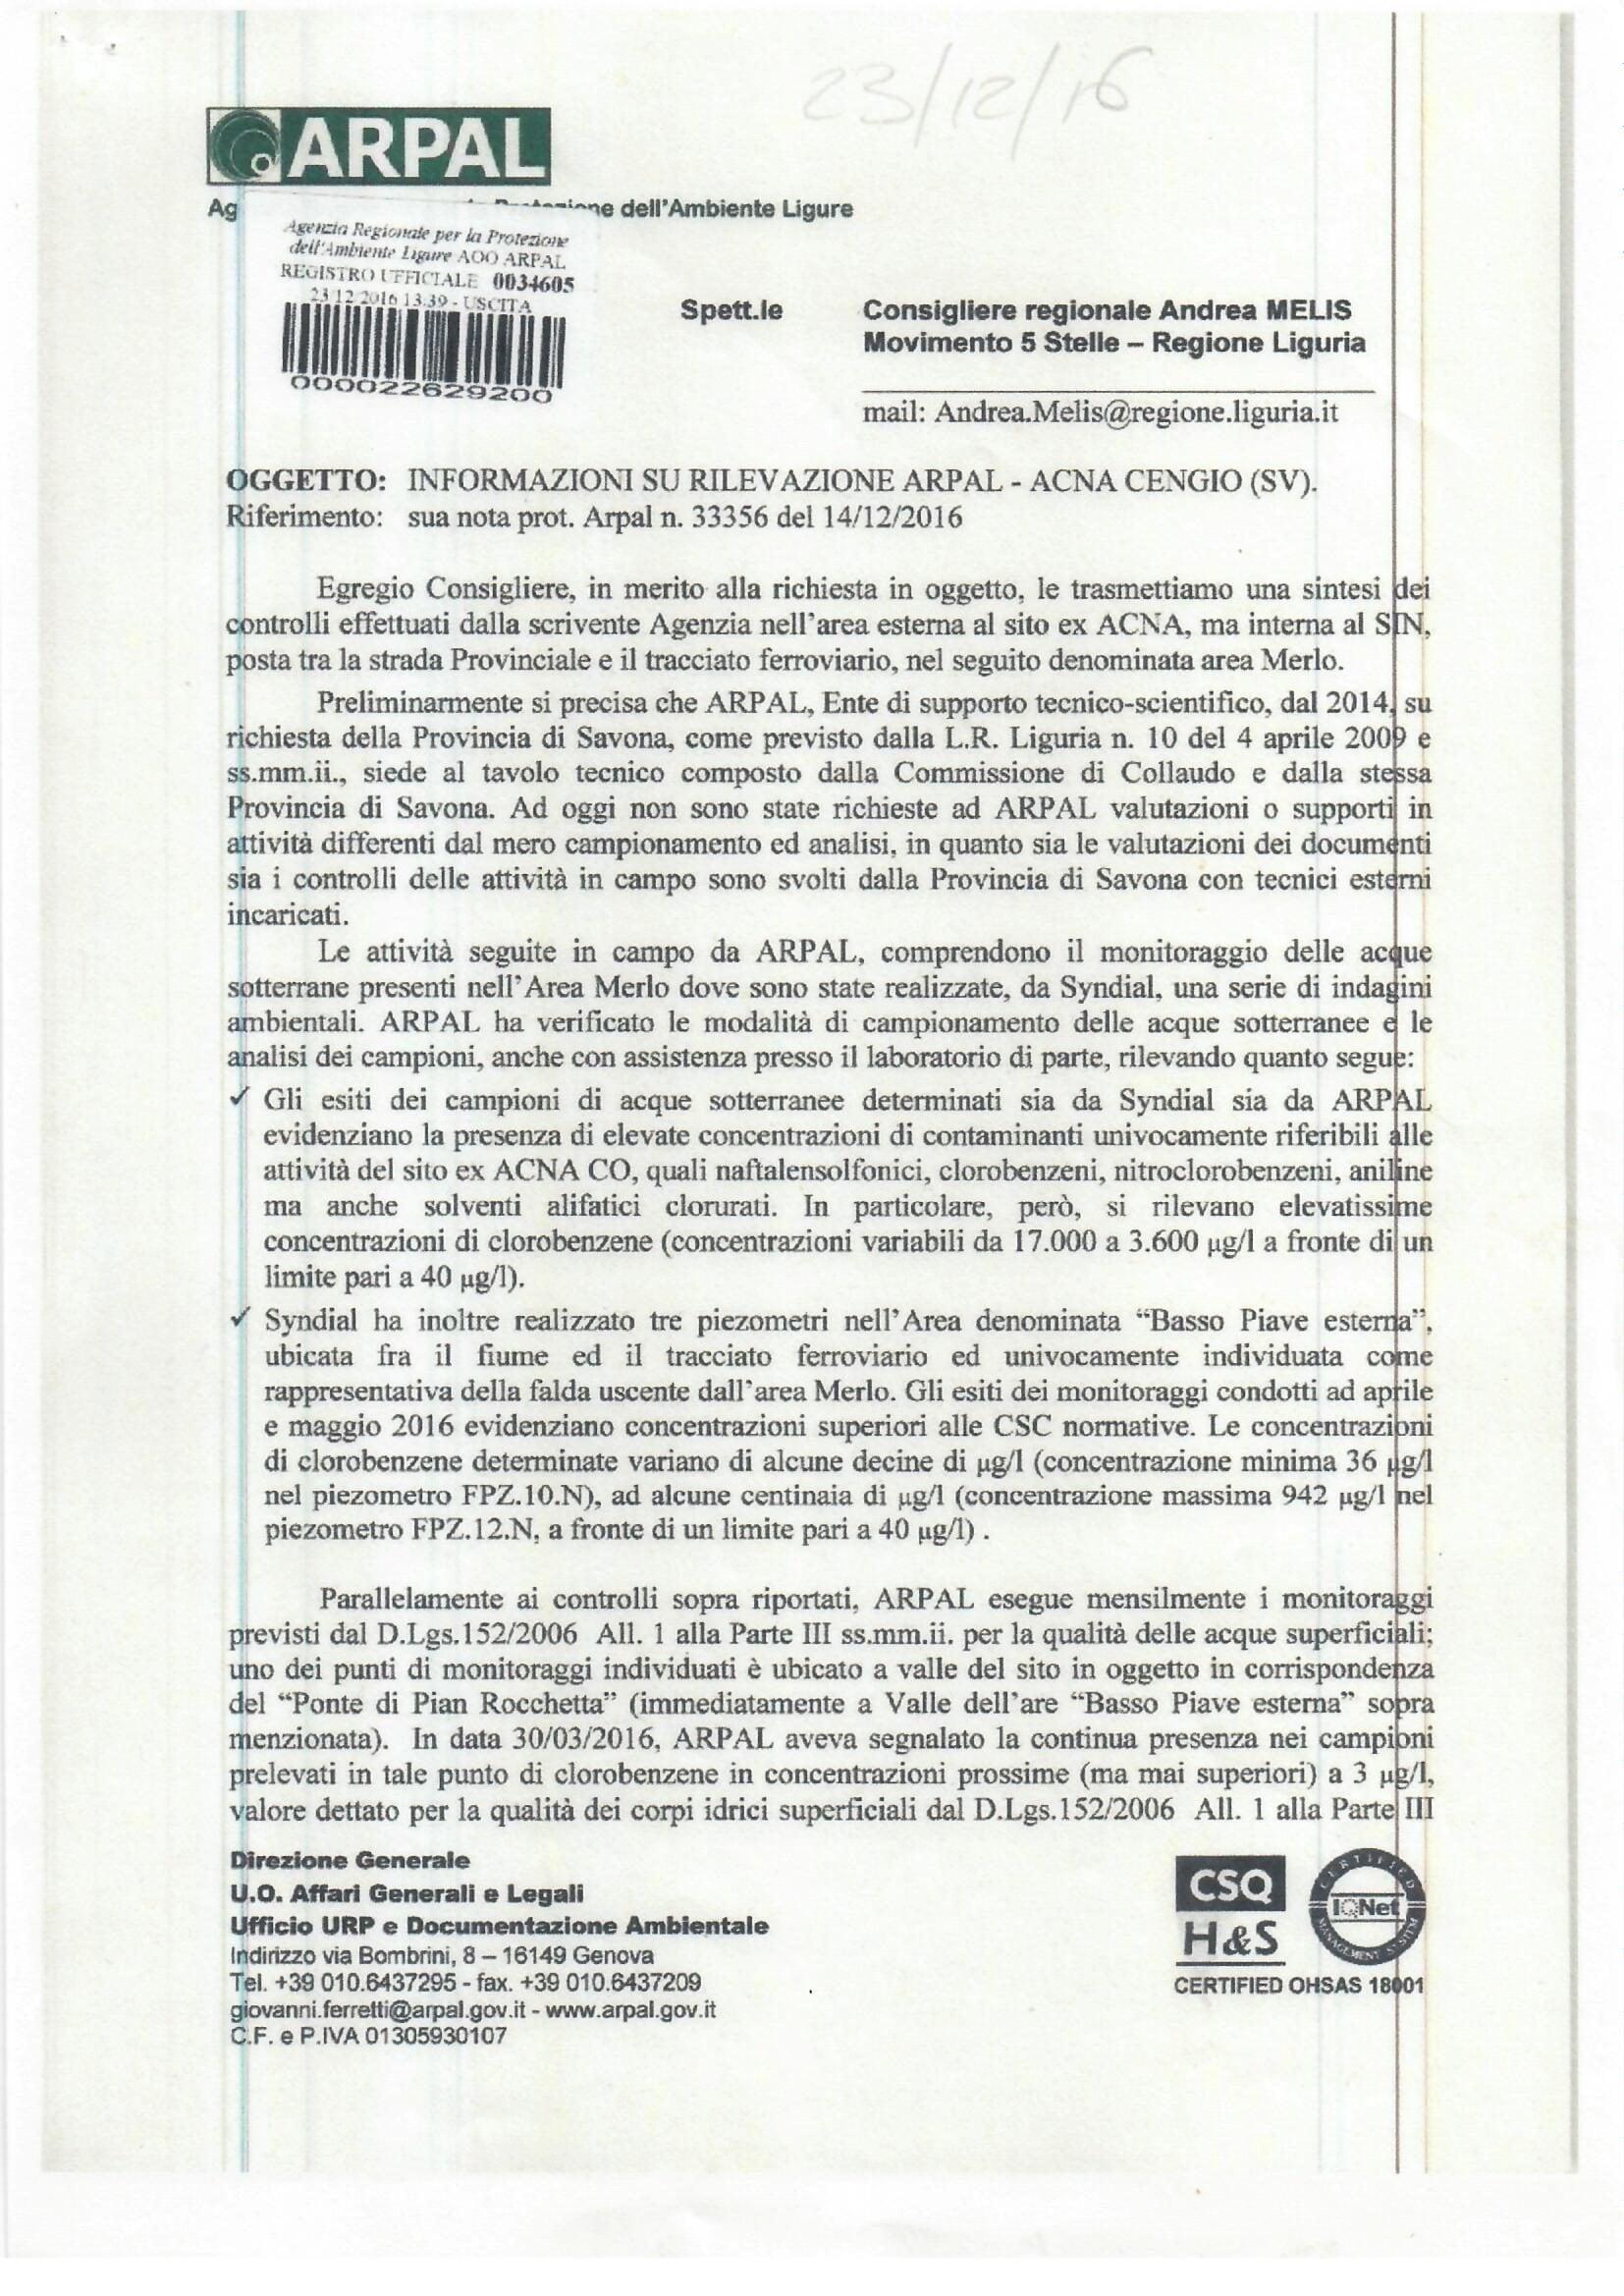 L'analisi delle acque sotterranee del Sin di Cengio–Saliceto realizzate dall'Arpal e rese pubbliche dopo l'intervento del consigliere regionale del M5S Andrea Melis